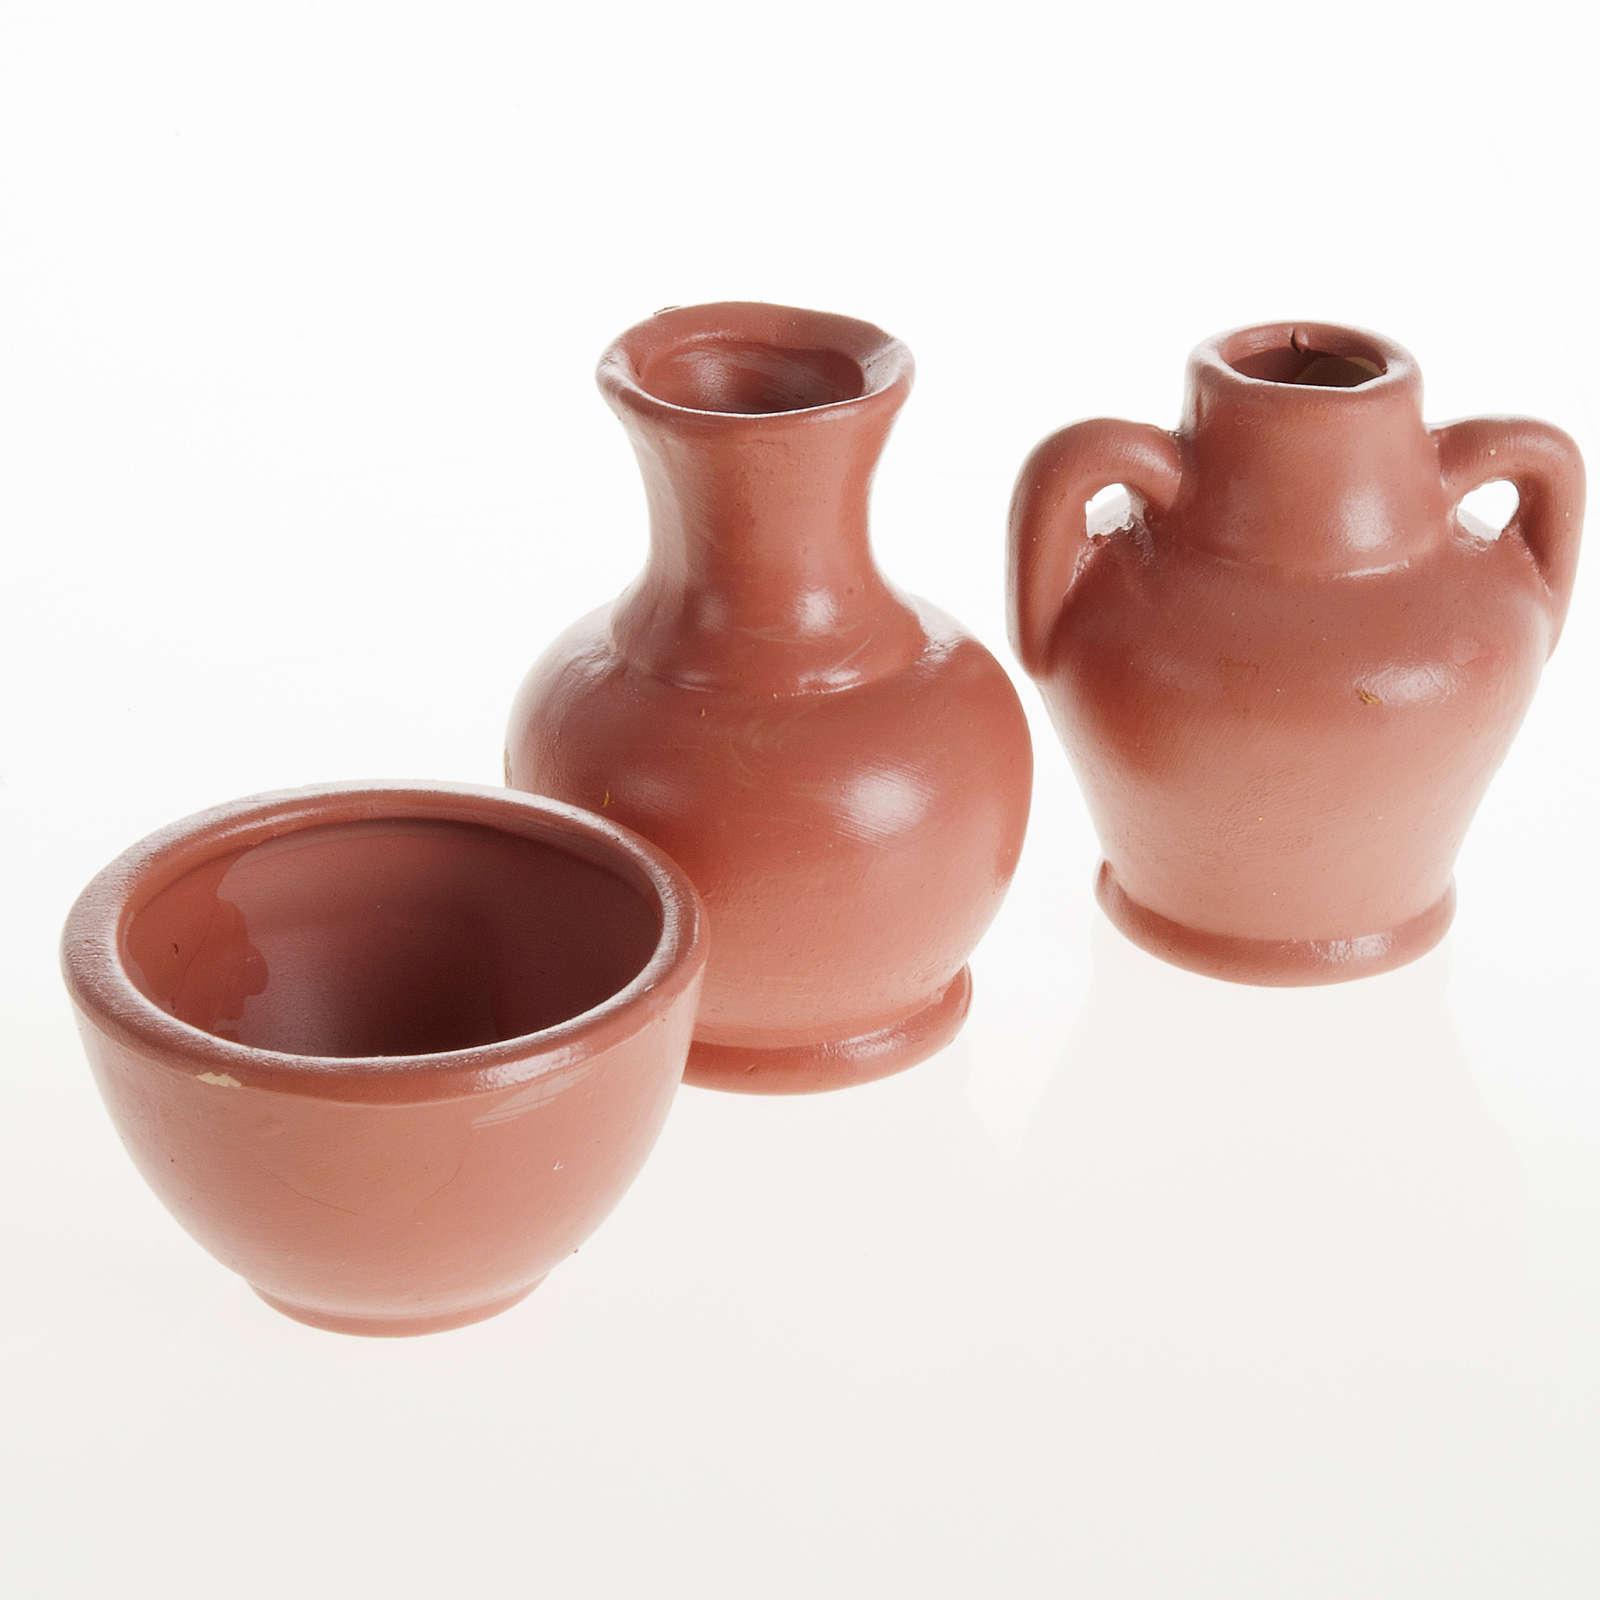 Jarras e vaso resina 3 peças 4